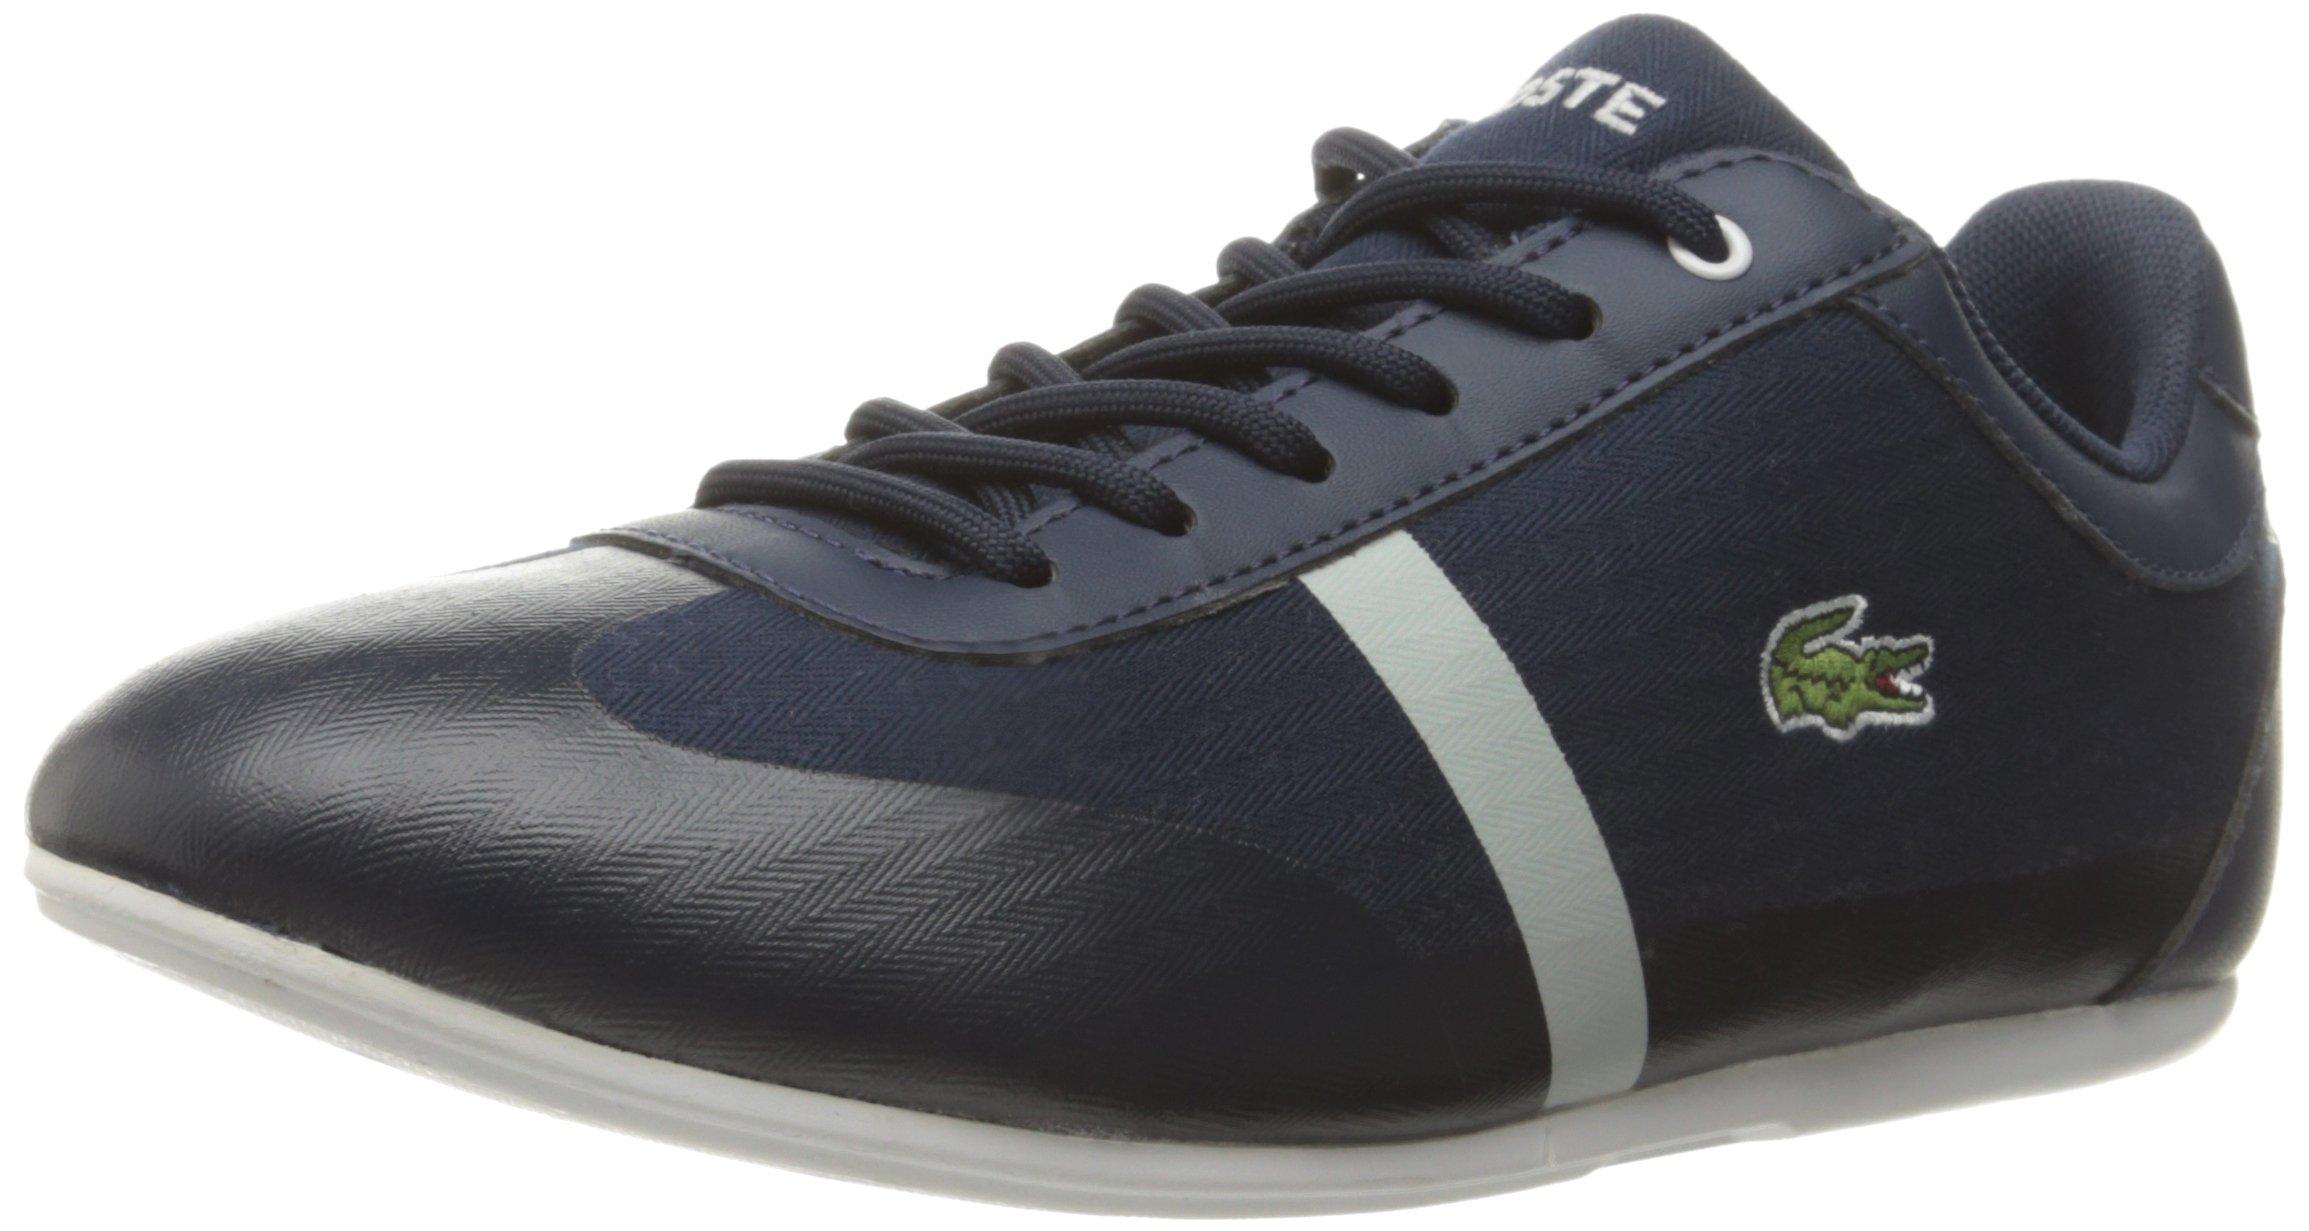 Little Kid//Big Kid Lacoste Misano 316 1 Spj Blk Sneaker